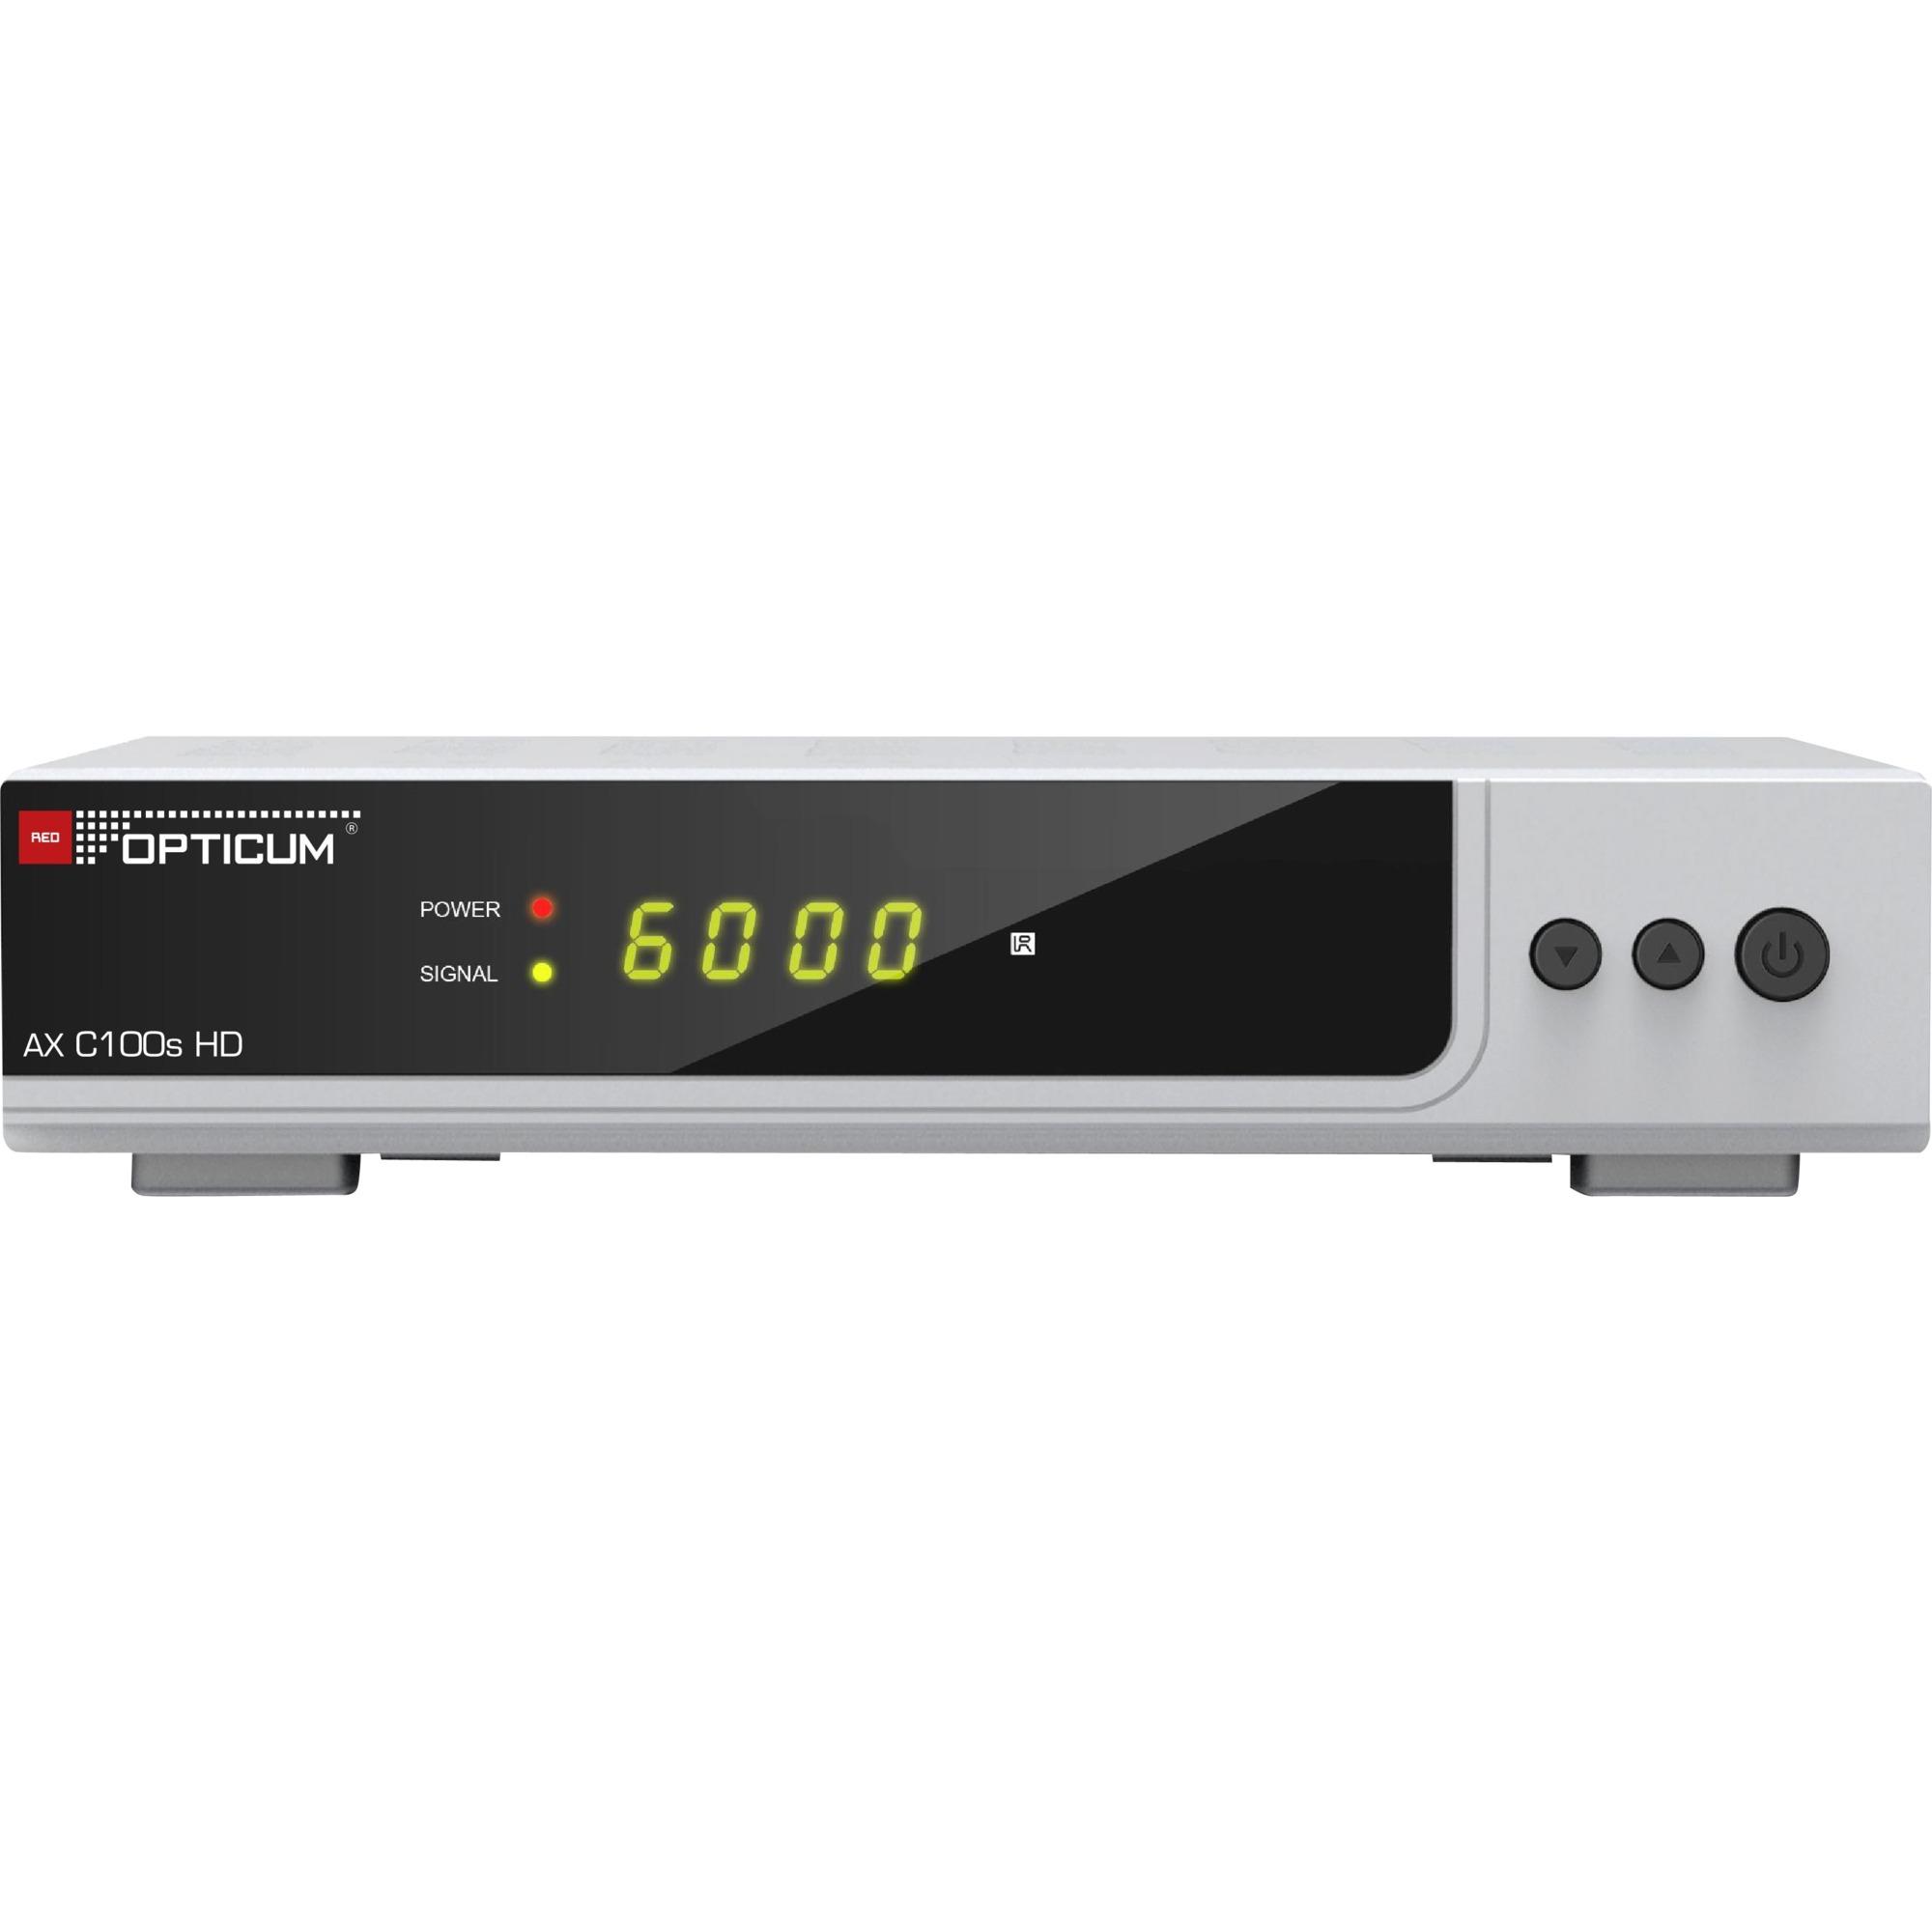 AX HD C100s Cable Full HD Argent TV set-top boxe, Récepteur câble